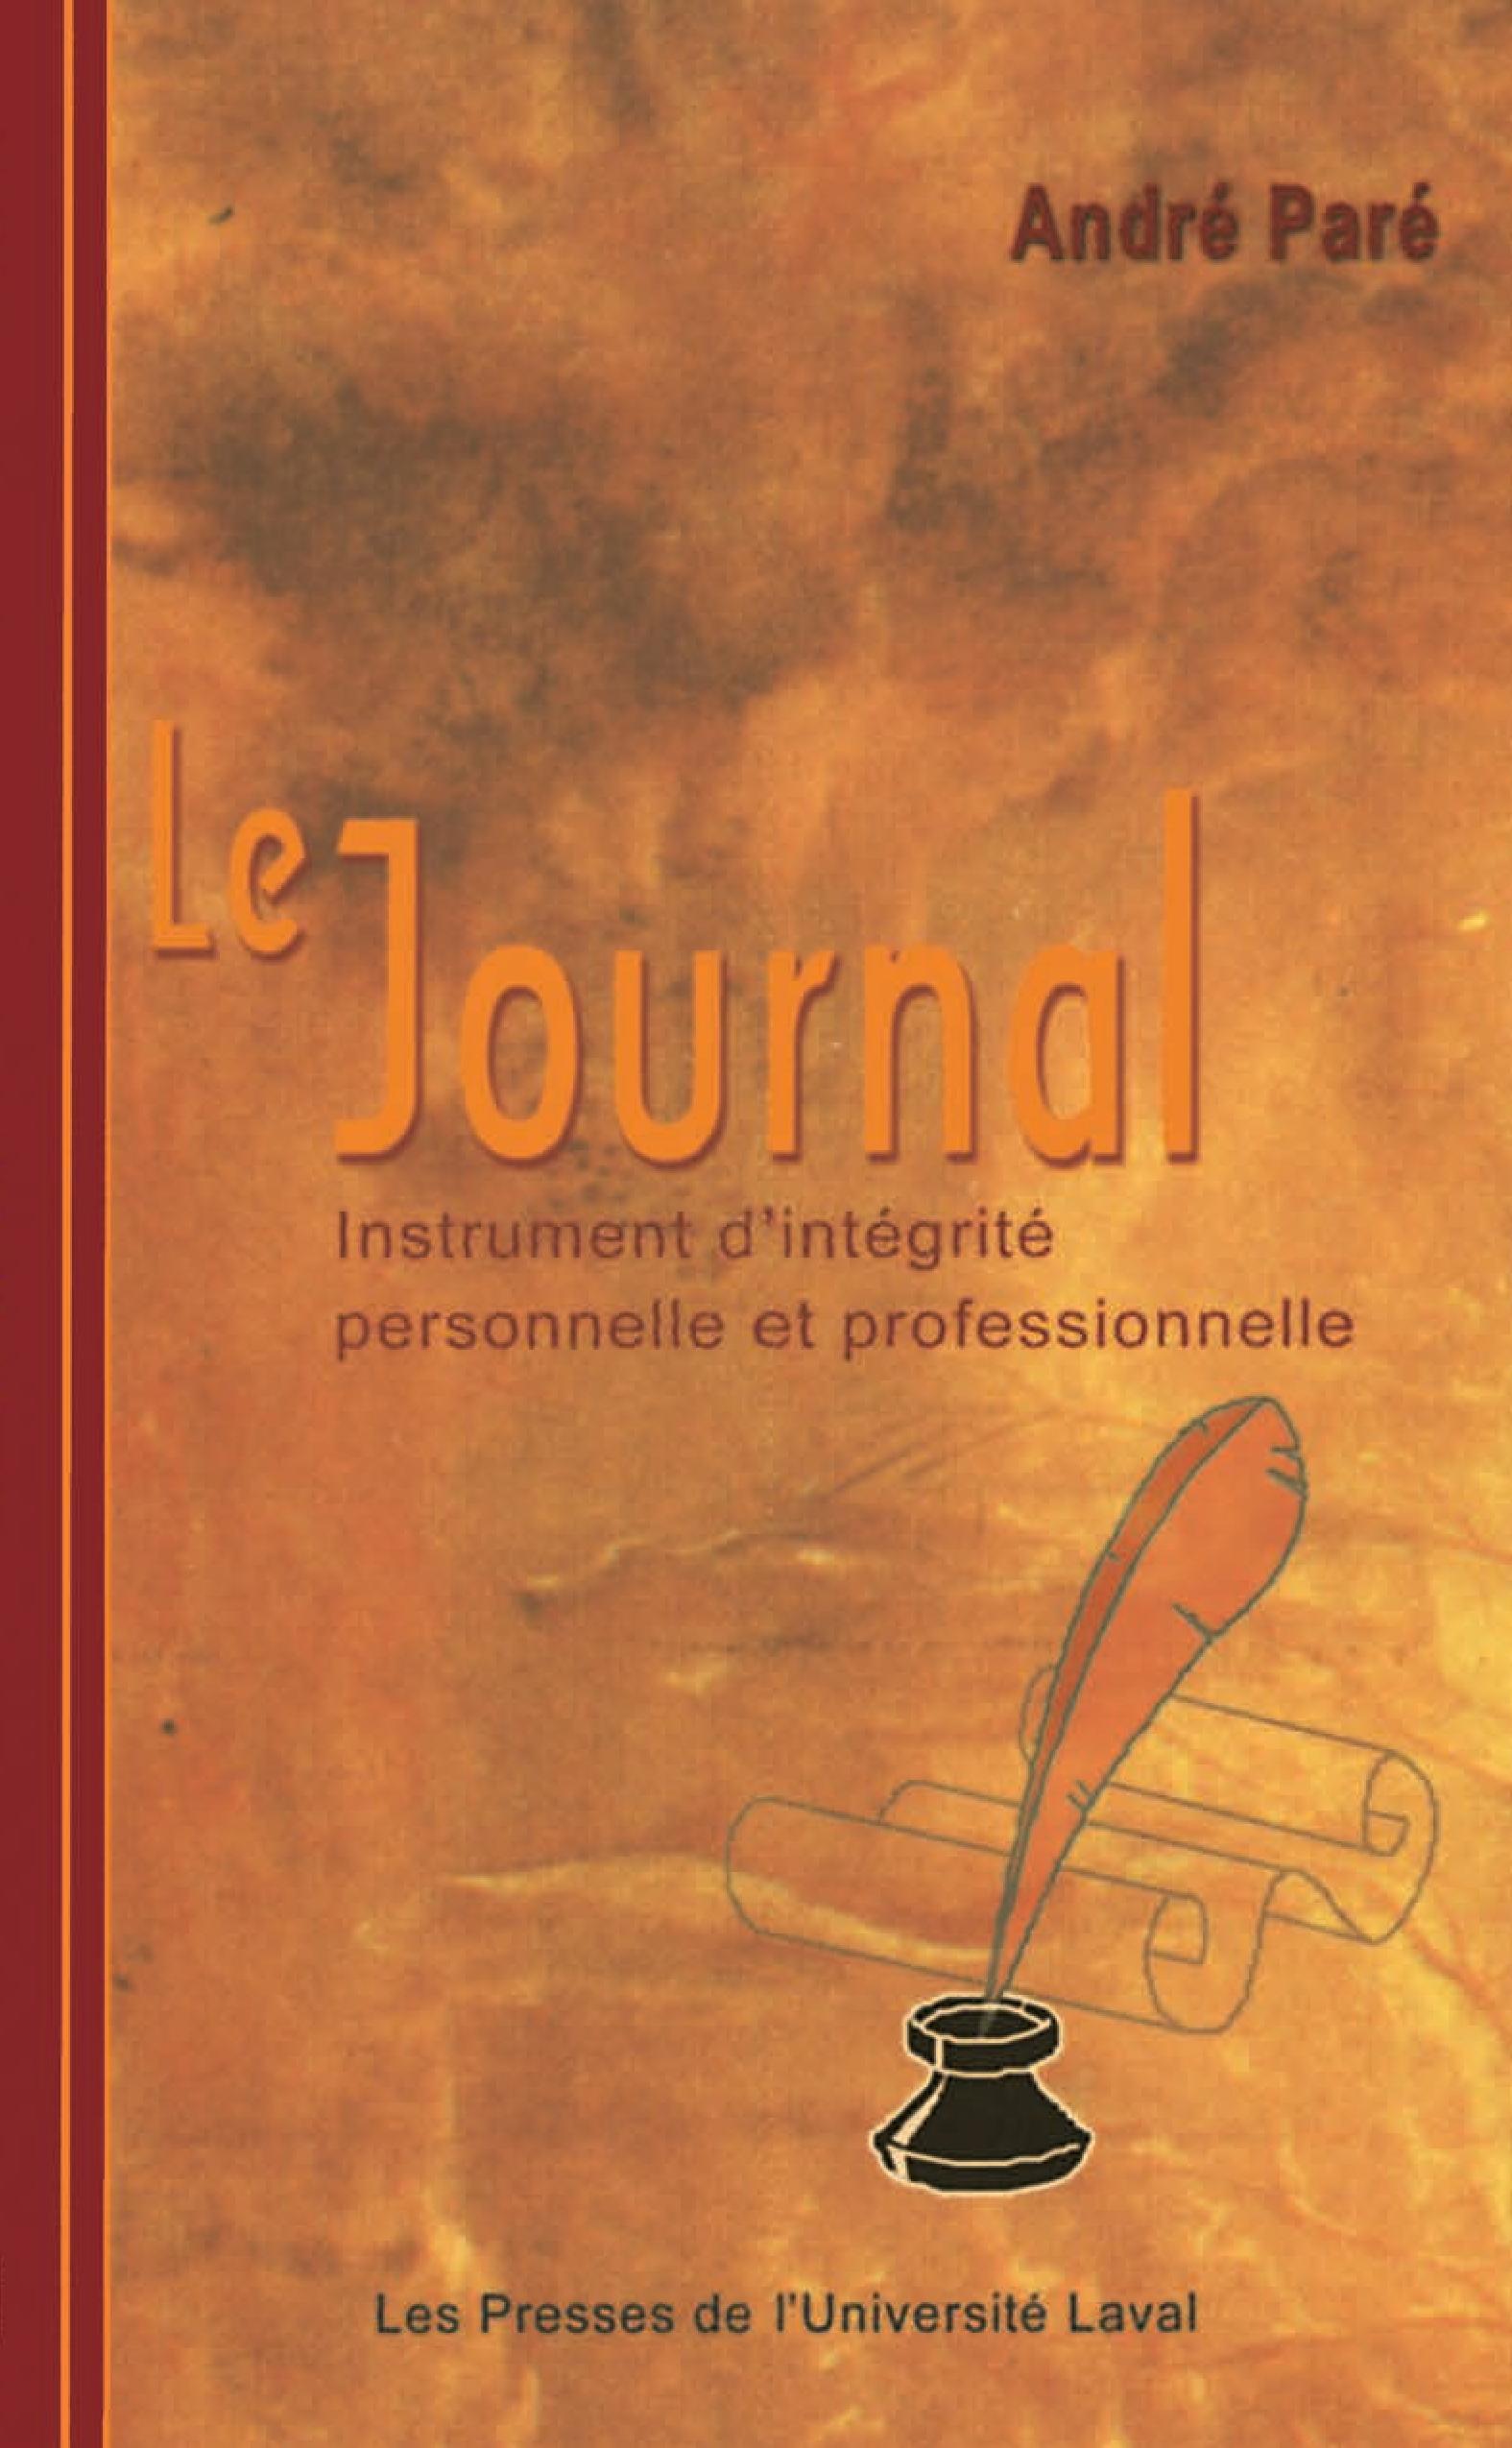 Le journal : Instrument d'intégrité personnelle